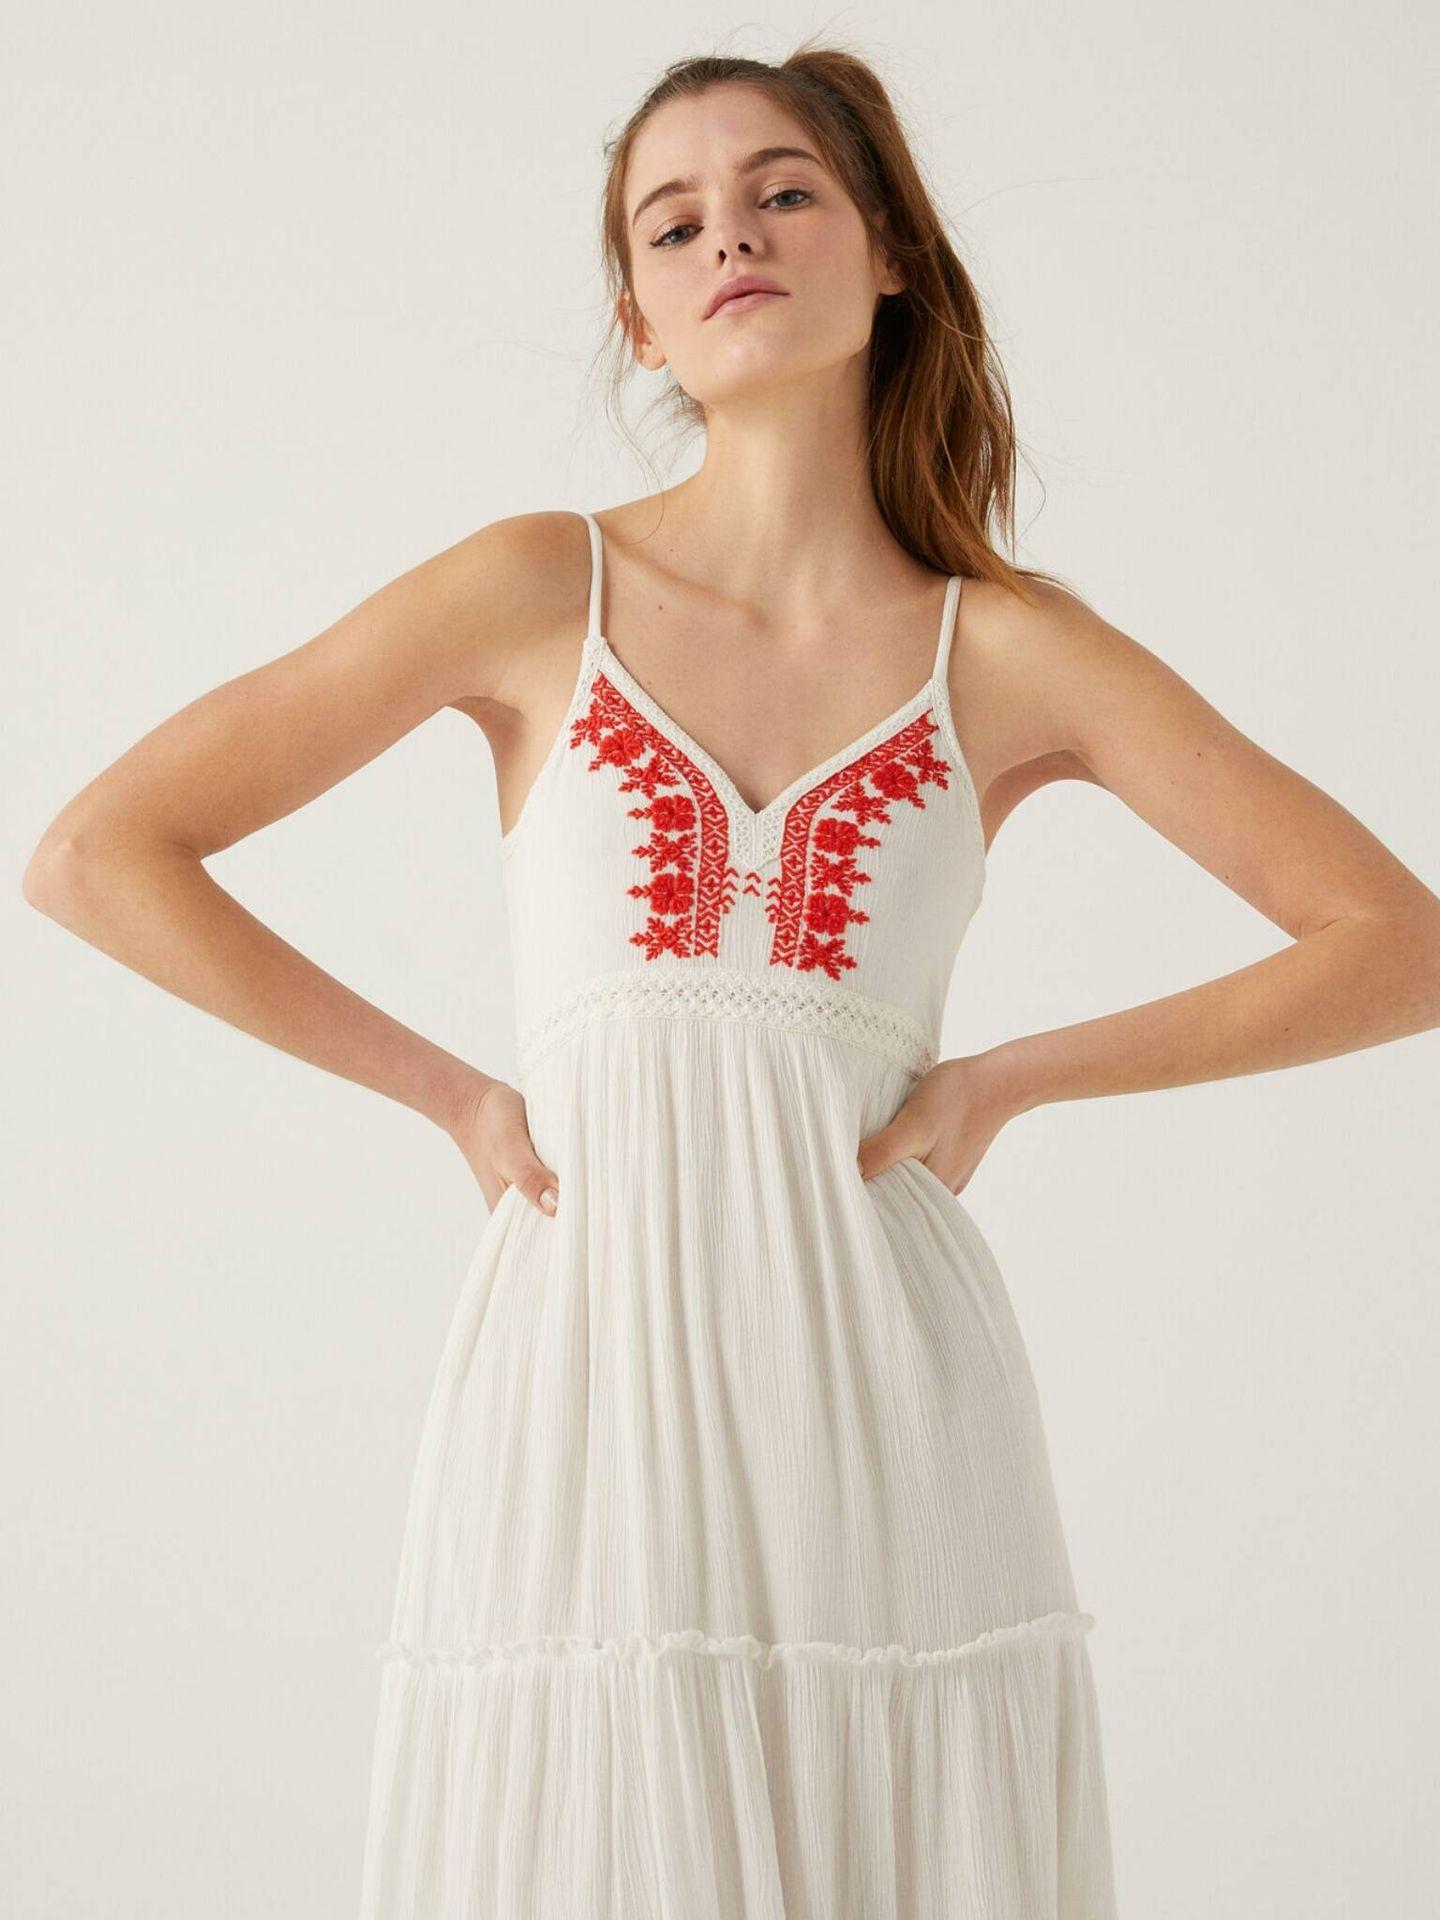 Vestido blanco de Springfield con detalles bordados en rojo. (Cortesía)